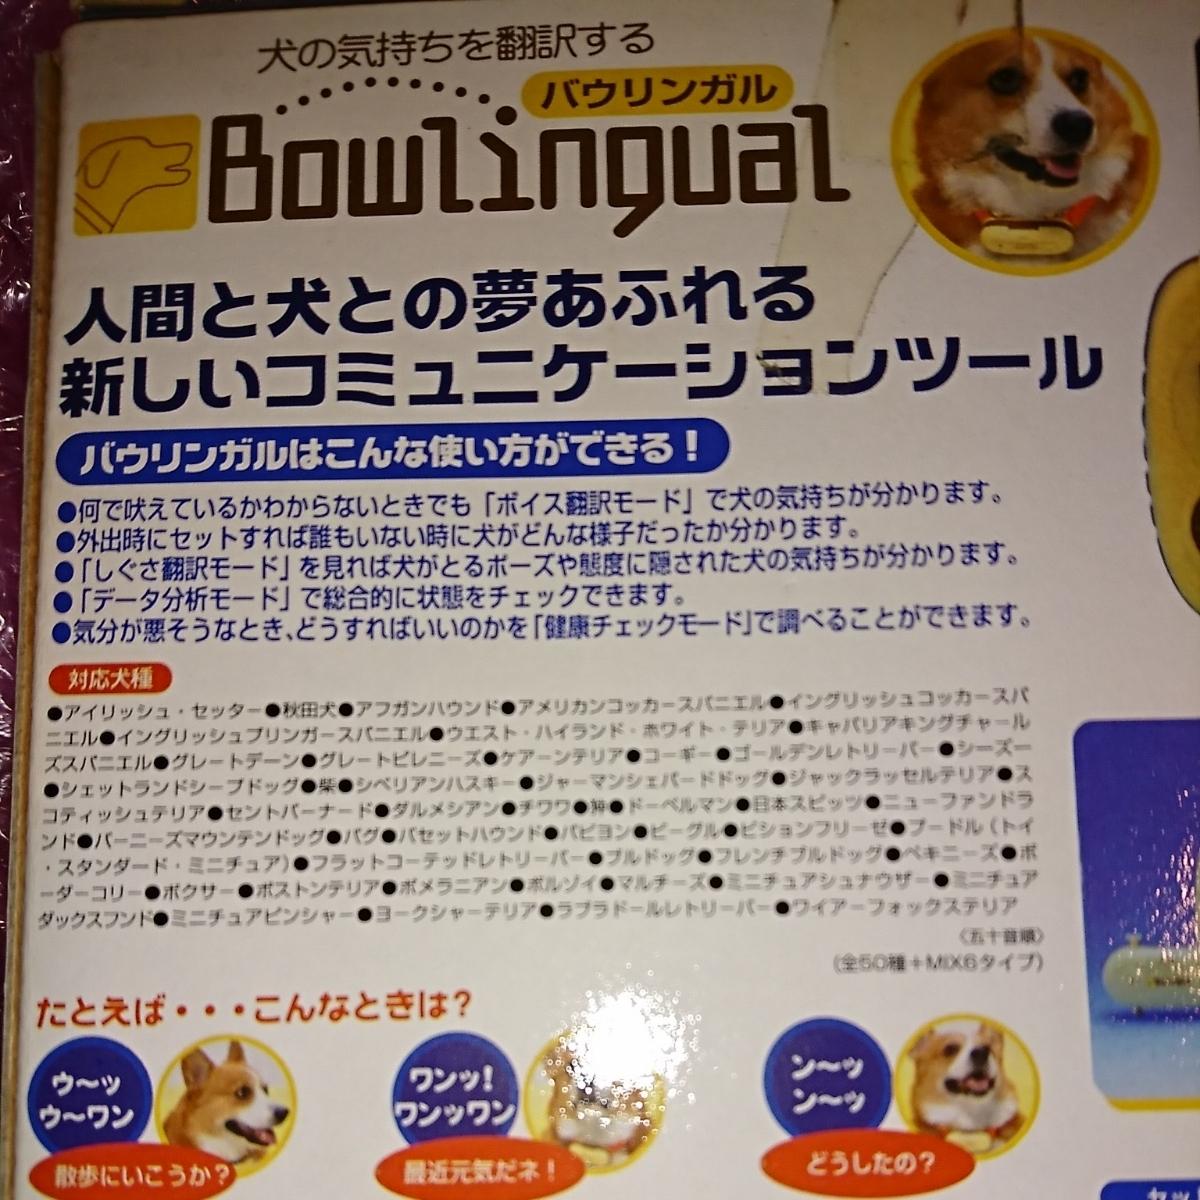 ☆犬の気持ちがわかる☆バウリンガル 中古 2002年製 黄色_画像5